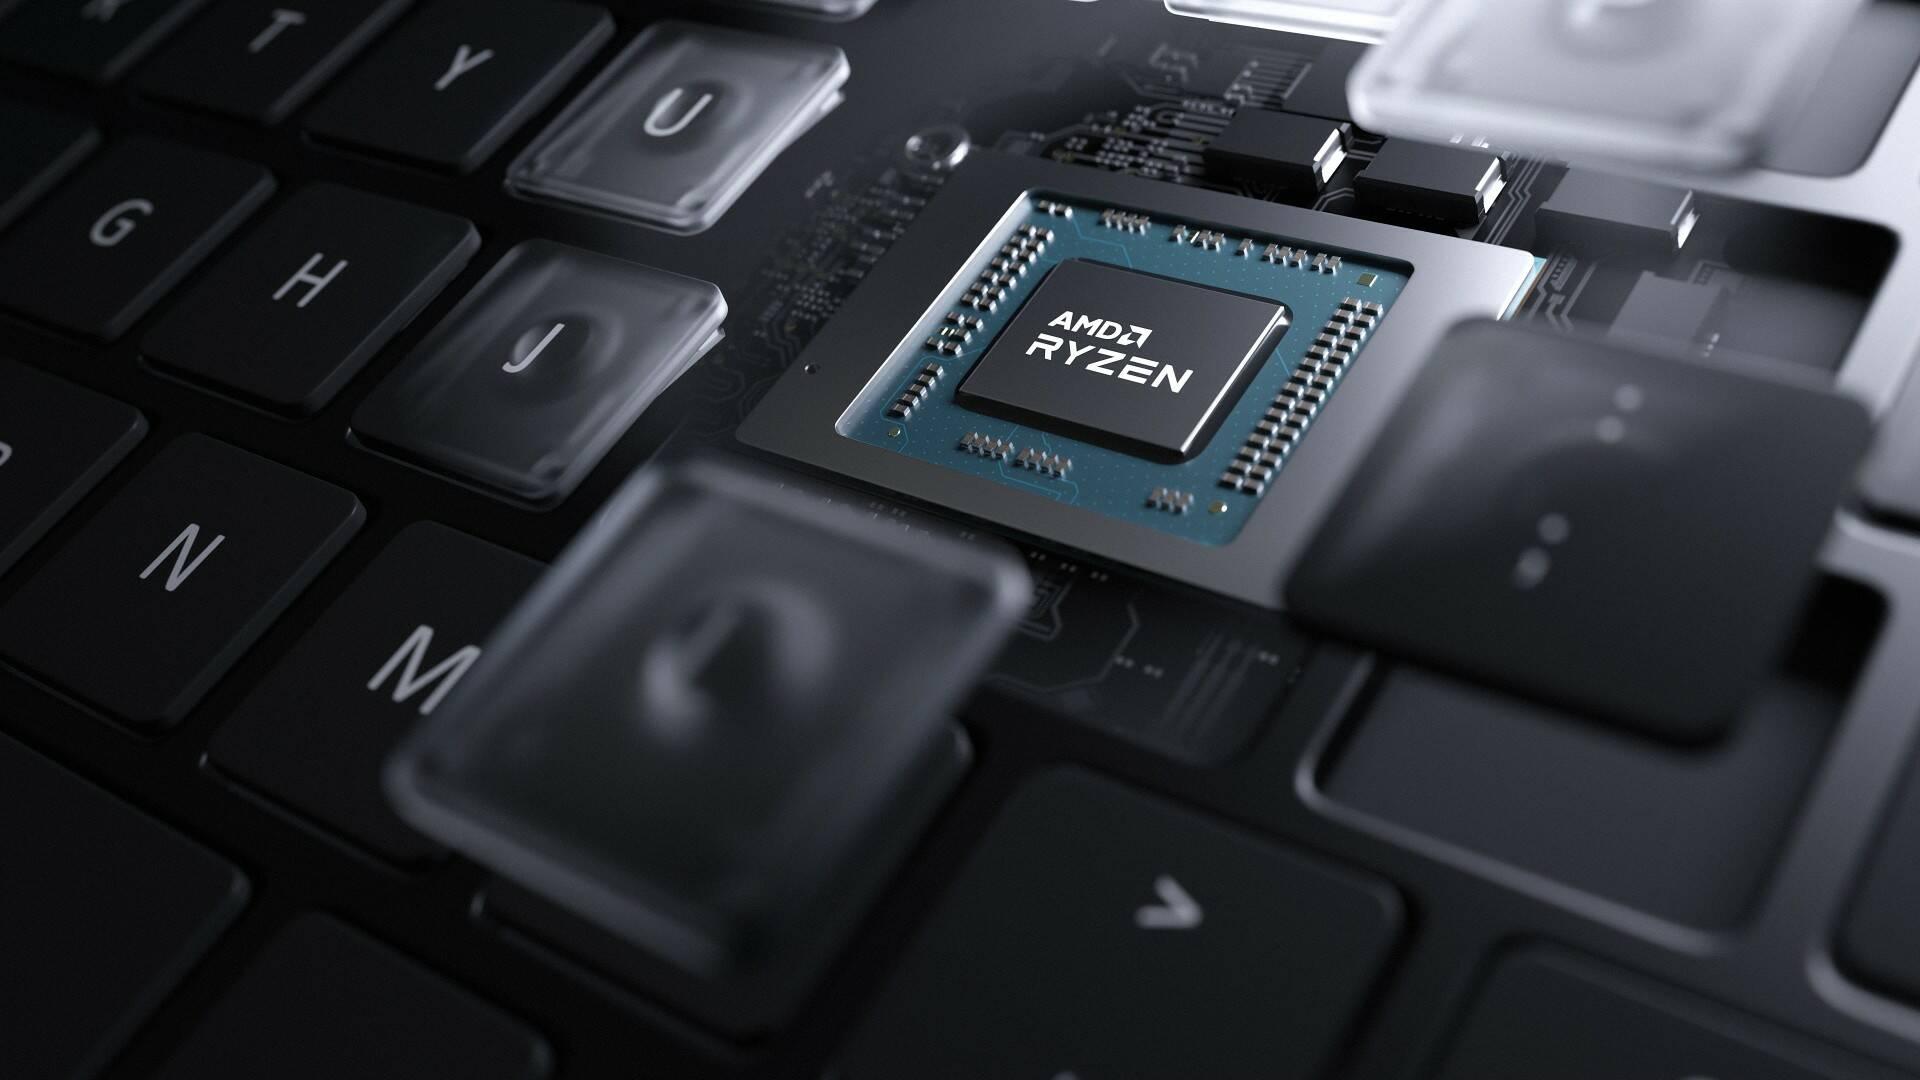 AMD Ryzen PRO Cezanne